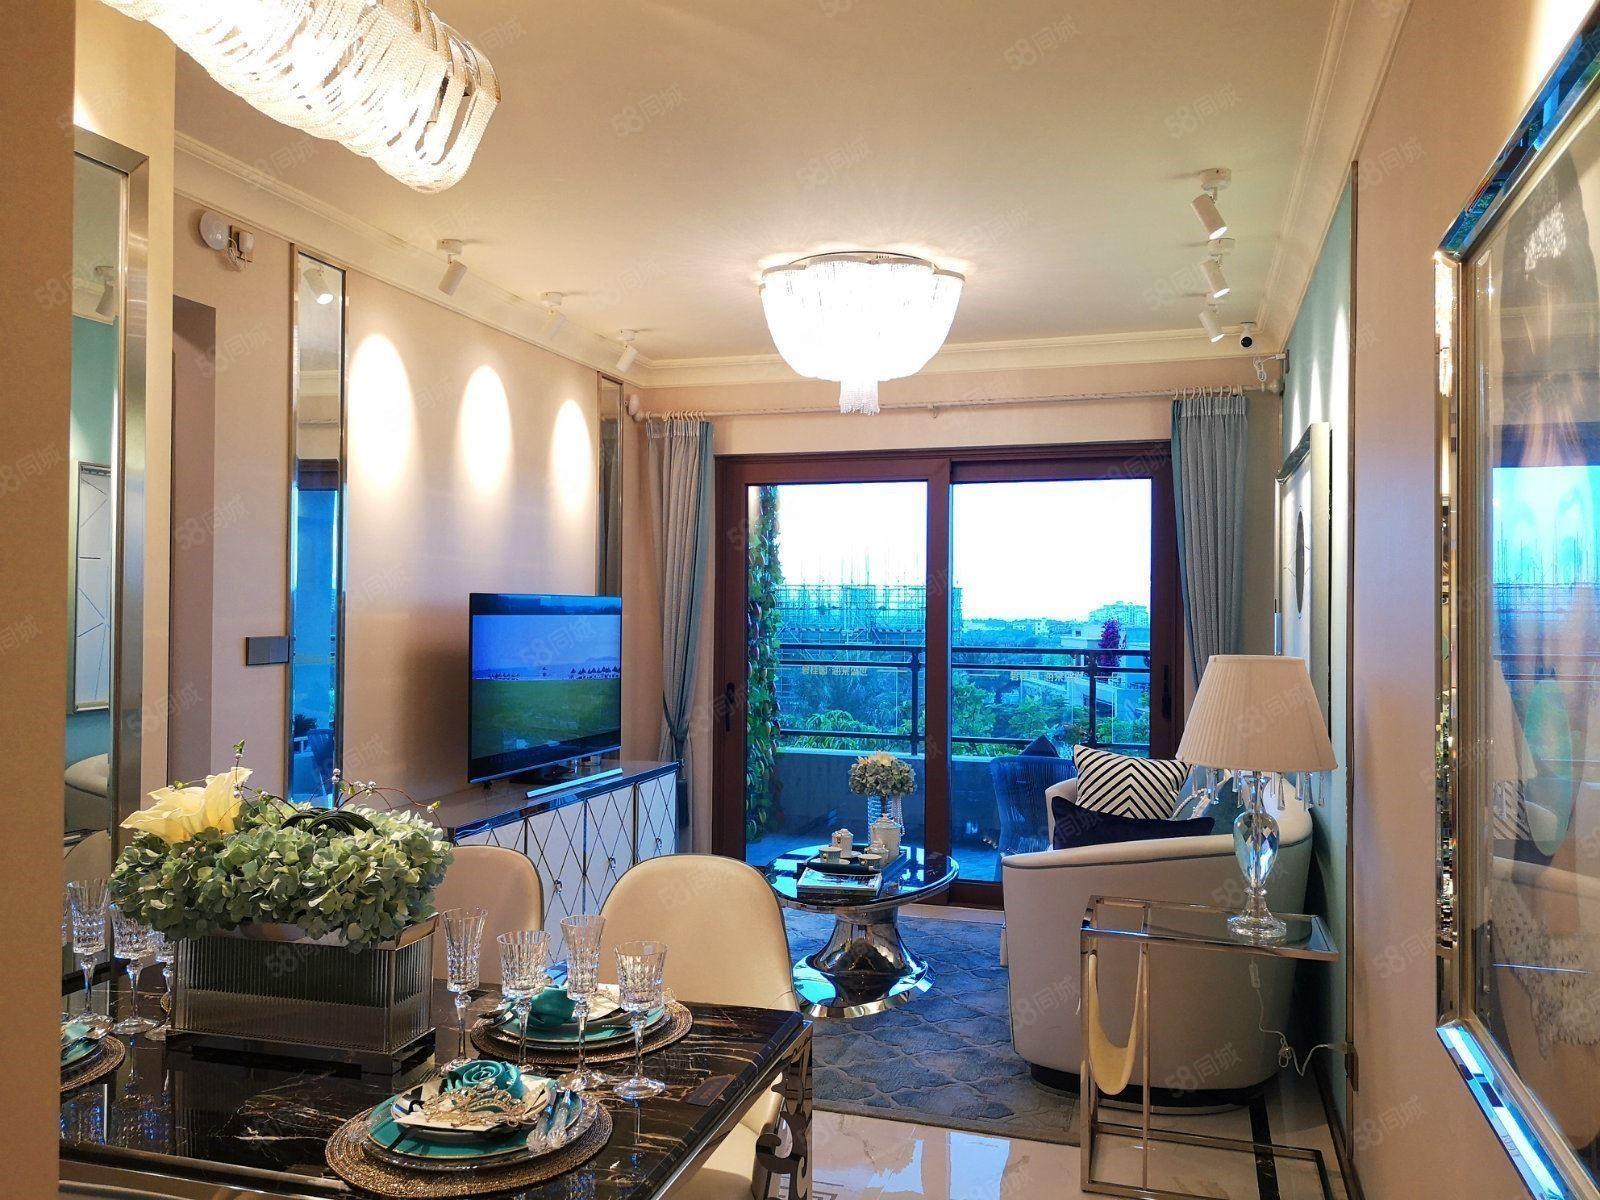 新推项目国家海岸碧桂园海棠盛世豪华装修4室拎包入住